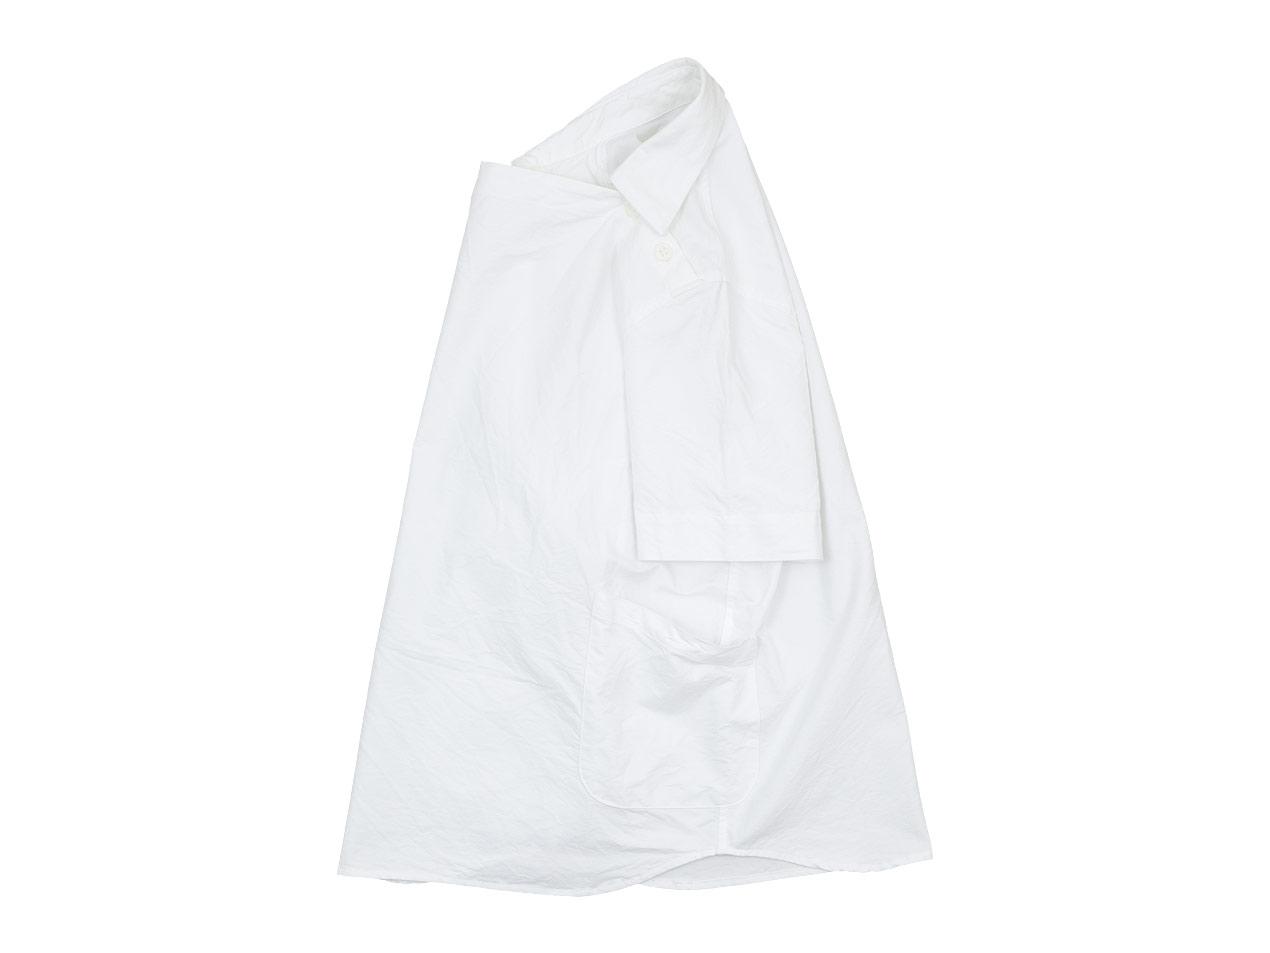 nisica 半袖デッキマンシャツ